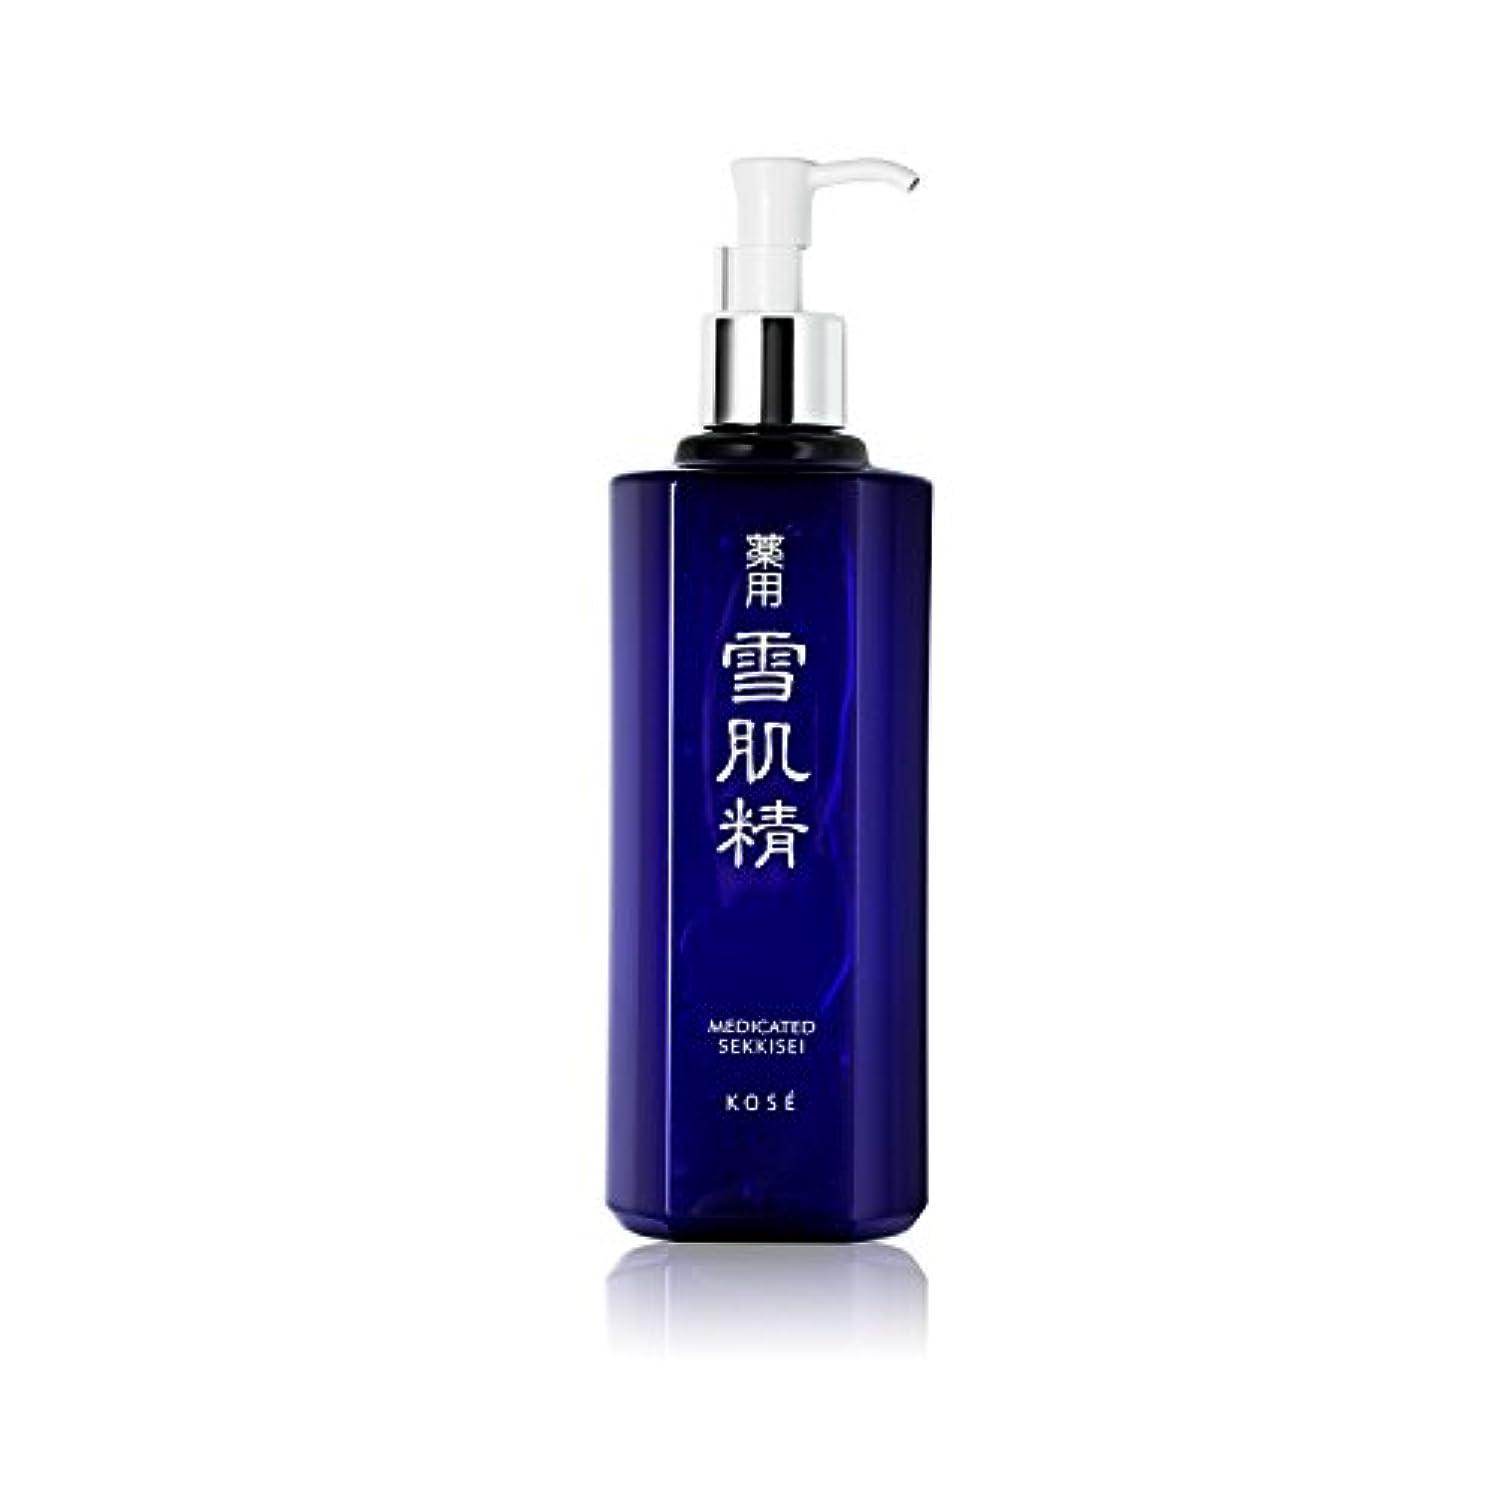 不機嫌焼く小屋【コーセー】薬用雪肌精 スーパービッグボトル 500ml